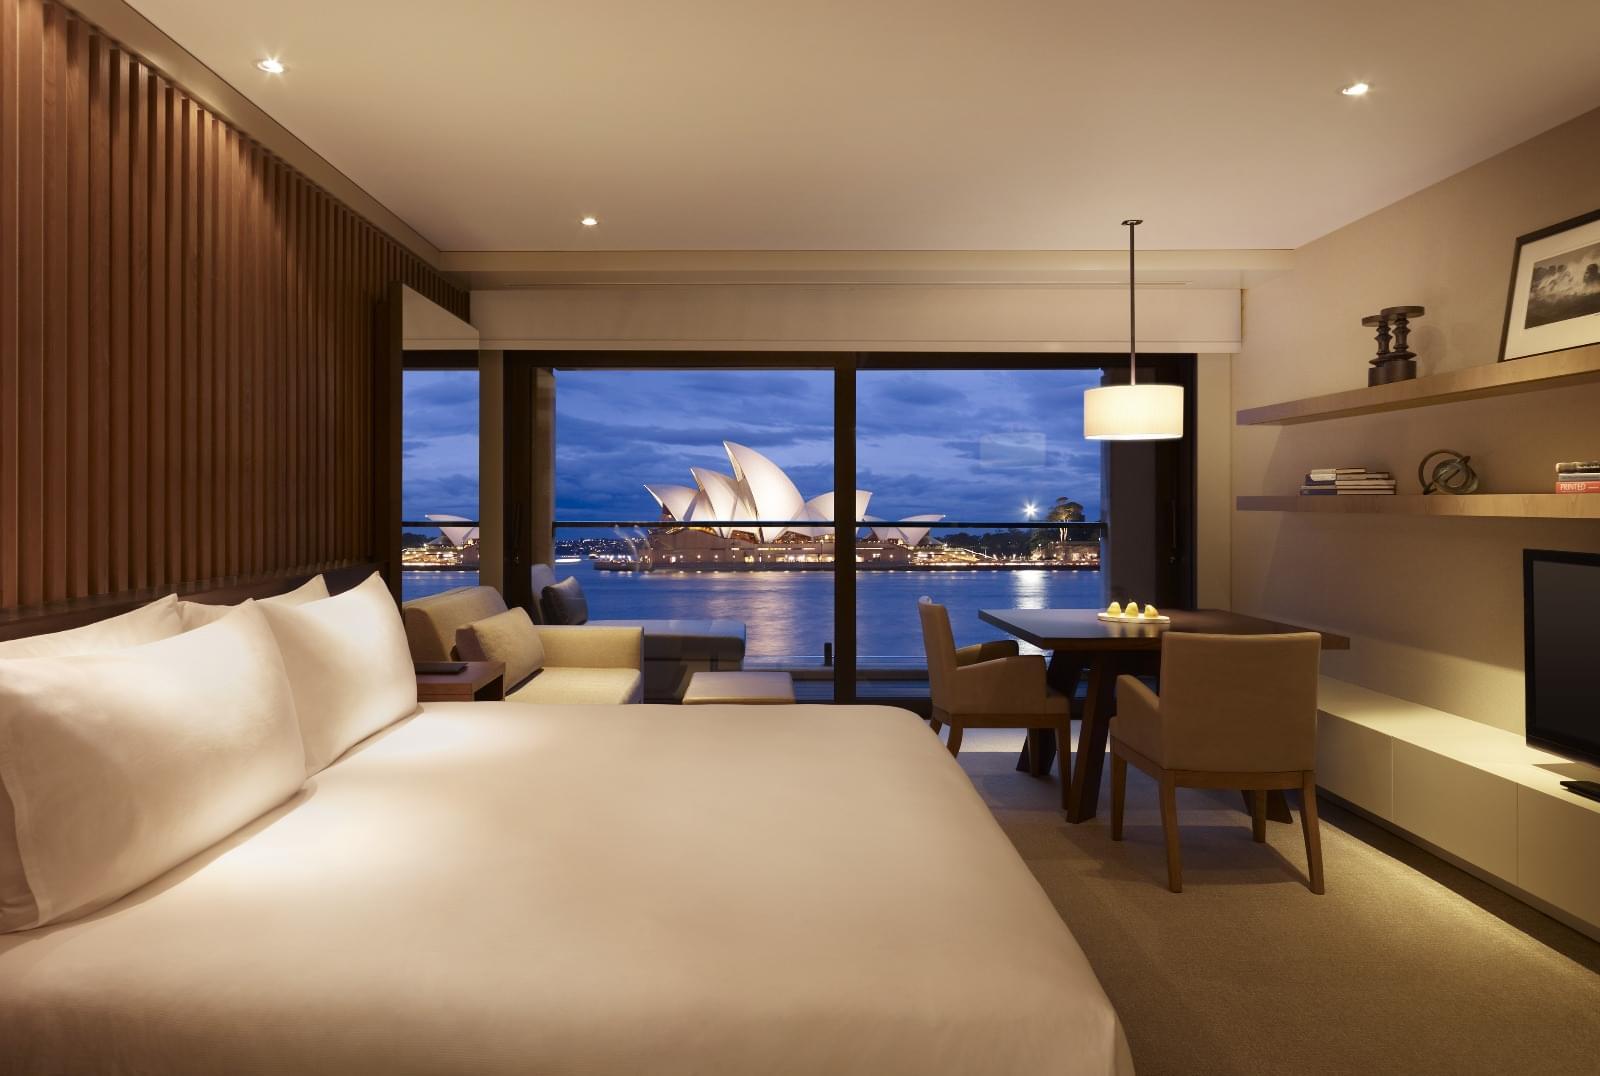 Park Hyatt Hotel Sydney